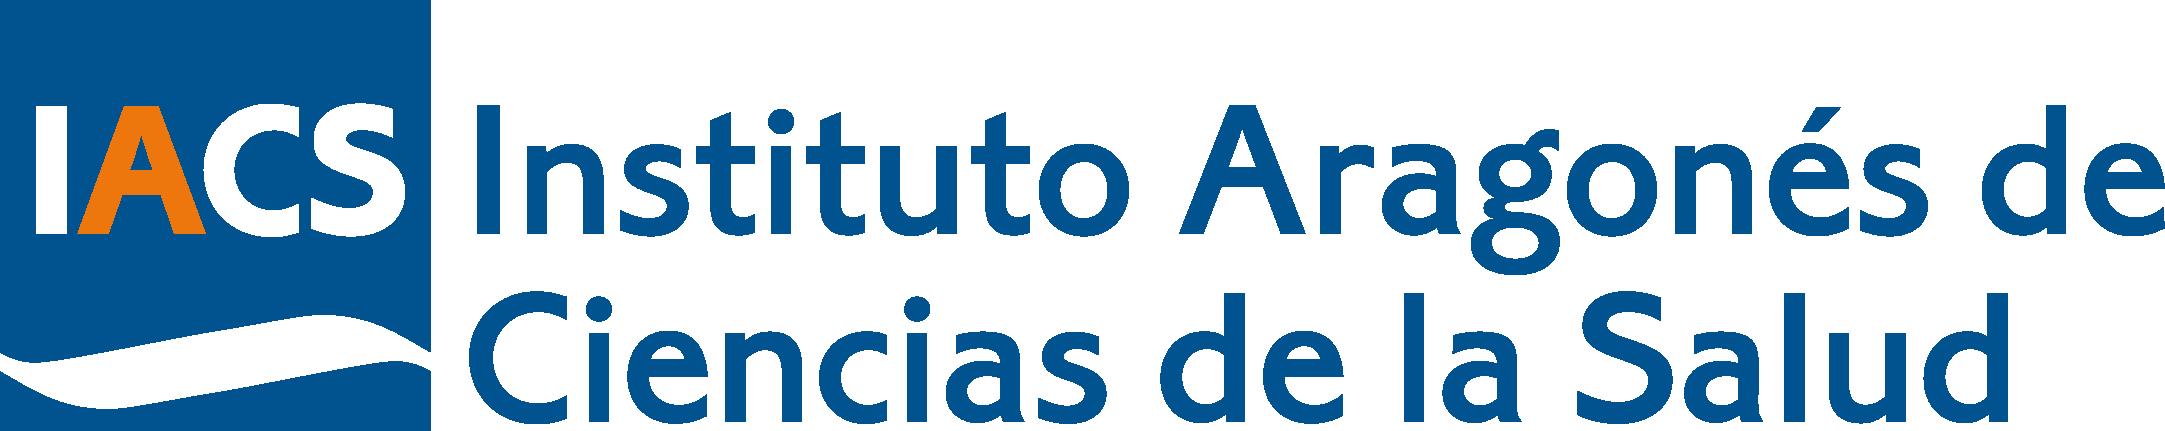 Logo IACS · Fondo transparente